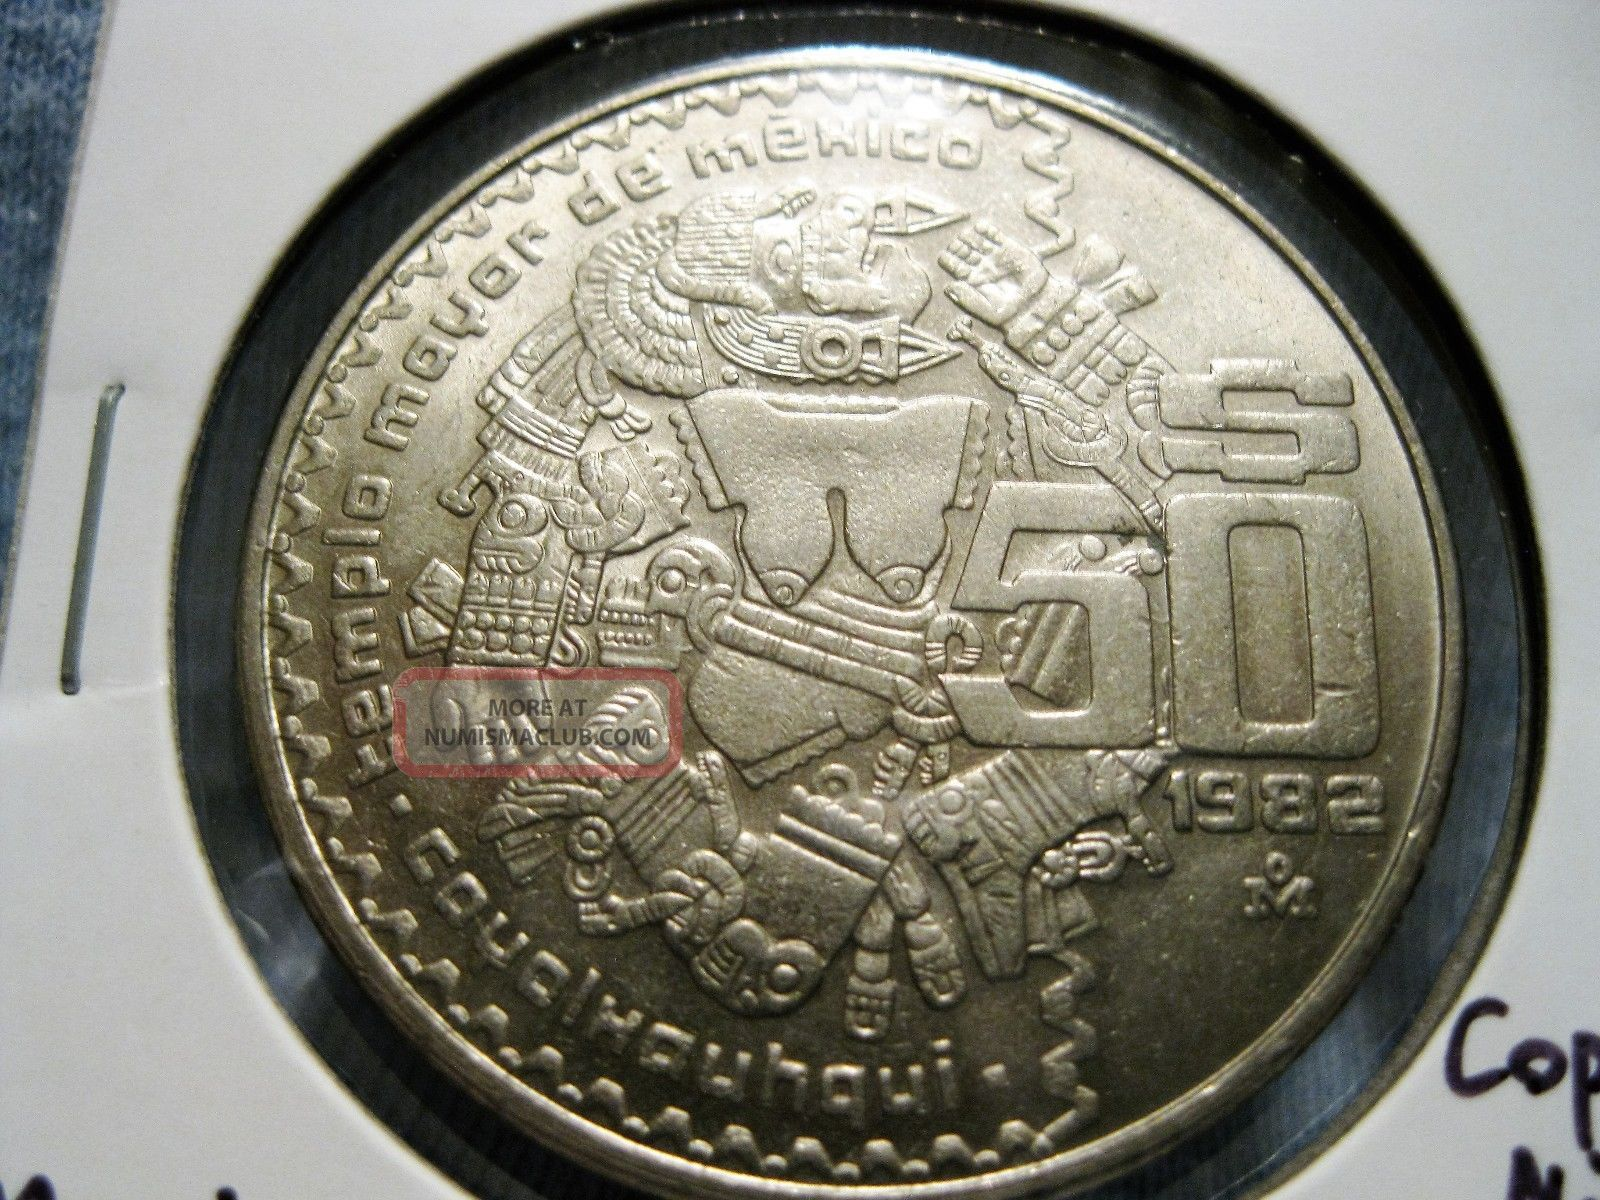 Mexico 50 Pesos 1982 Coyolxauhqui Km 490 50